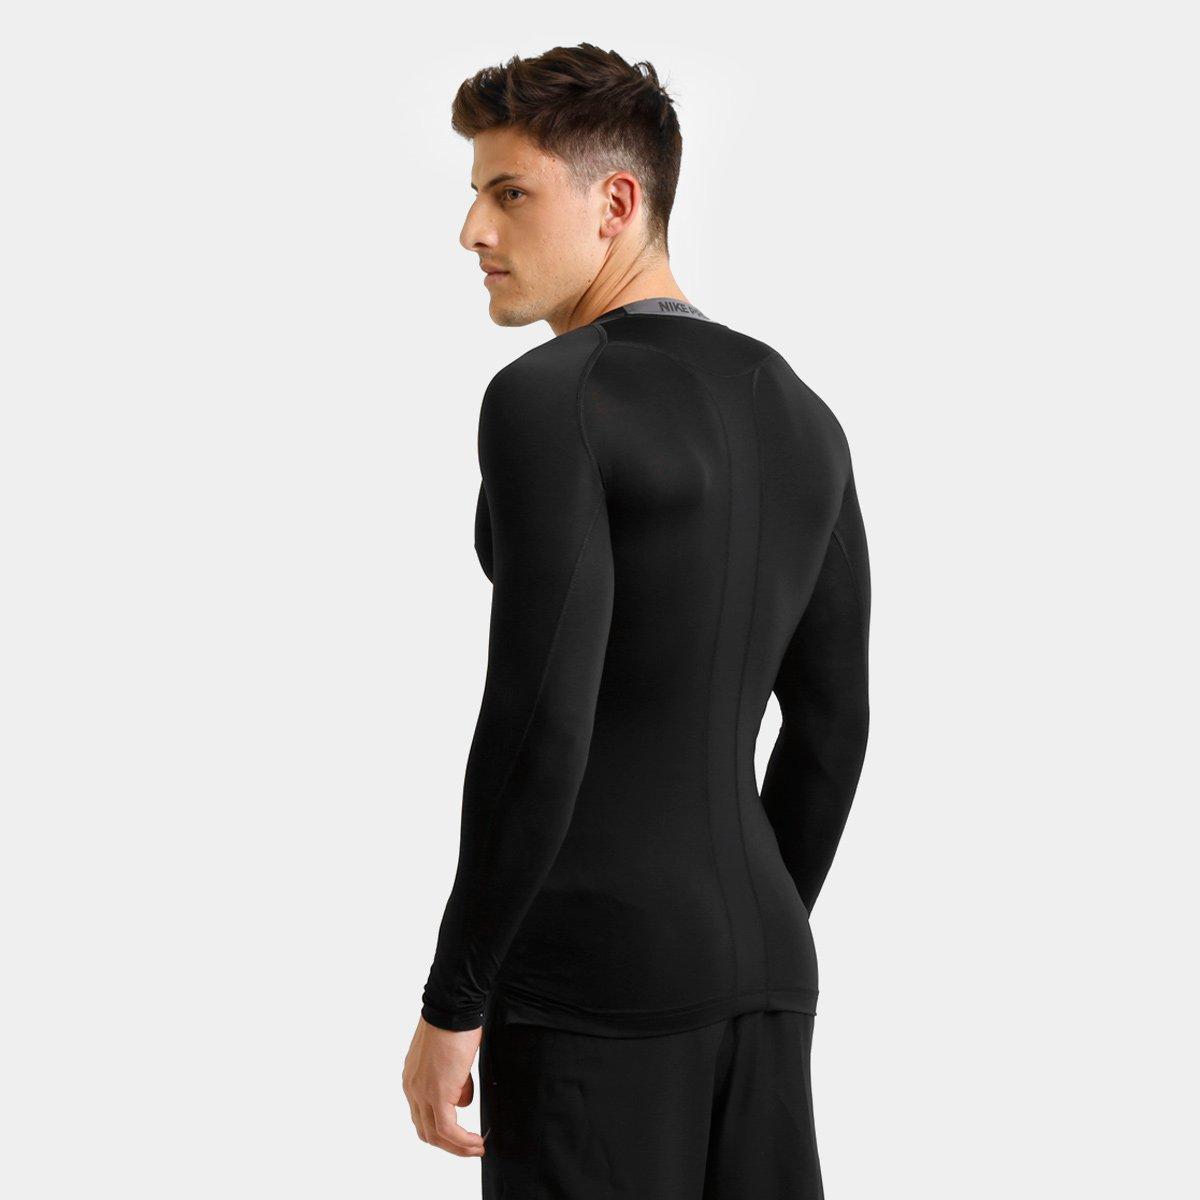 Camiseta de Compressão Nike Pro Cool Manga Longa Masculina - Compre ... 2395c01d94e93